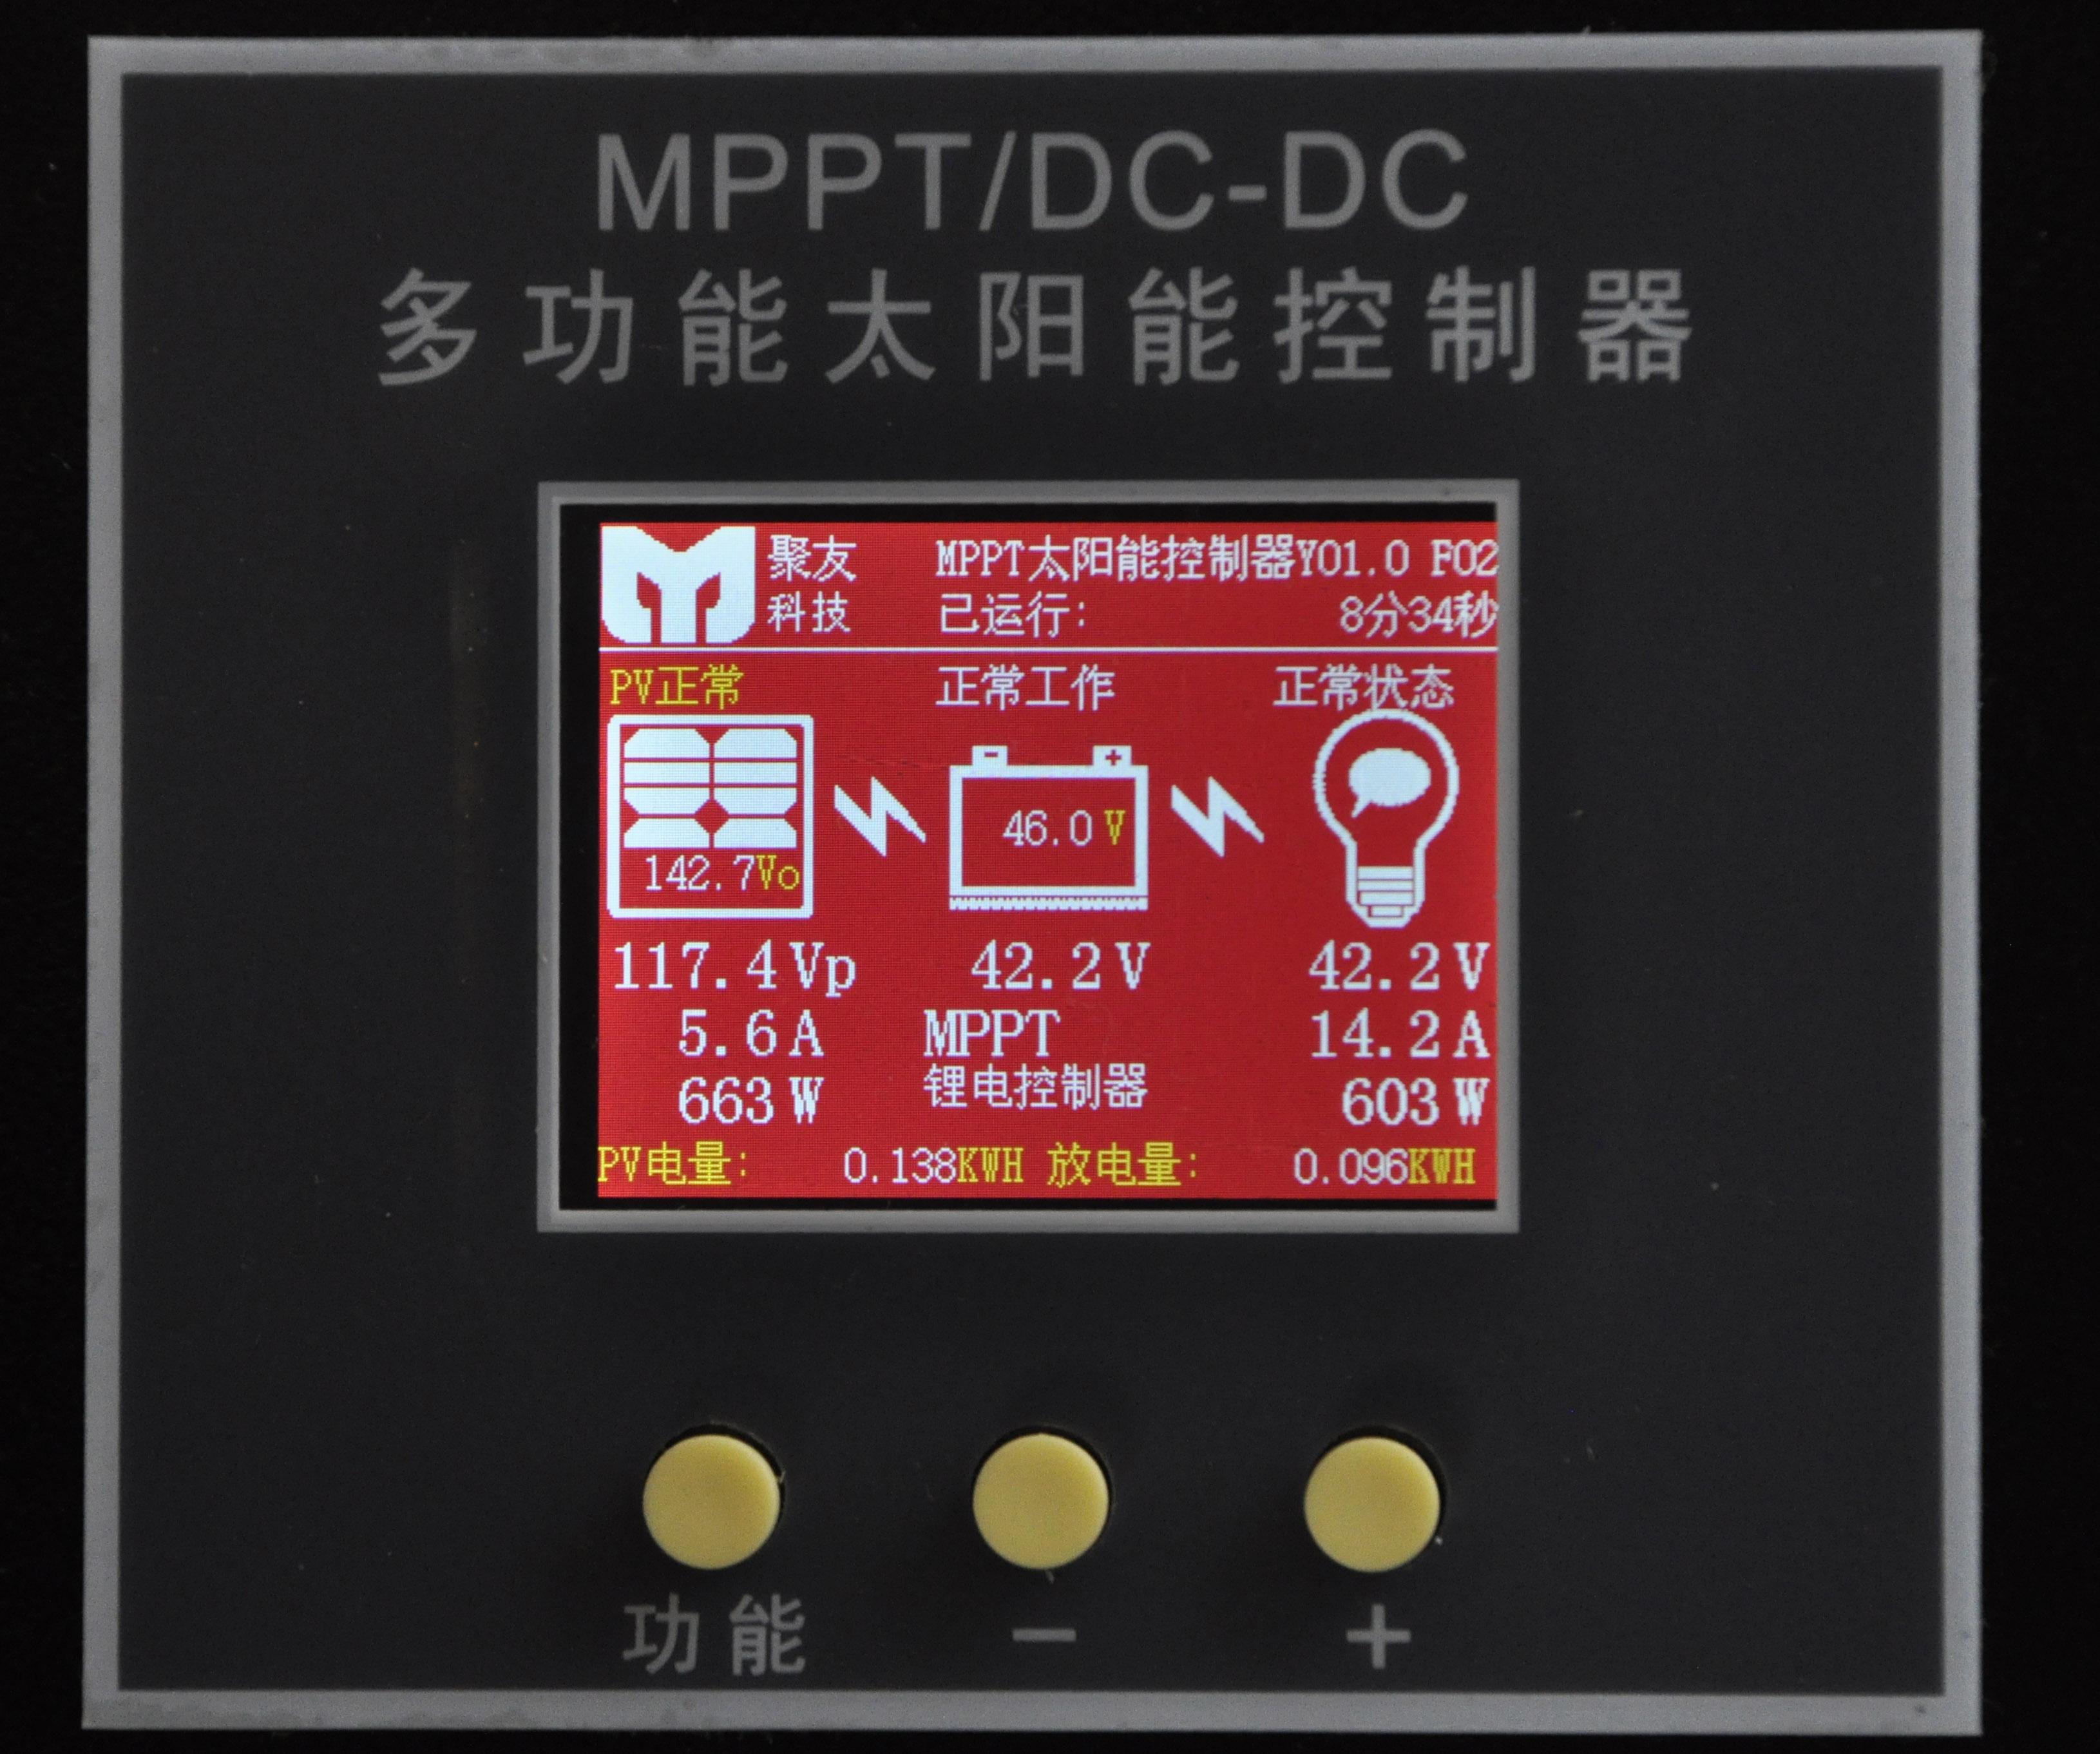 MPPT солнечной энергии контролер Y01.0 издание 12V для 96V 20A-65A большой мощности свинцово-кислотные / литий многофункциональный